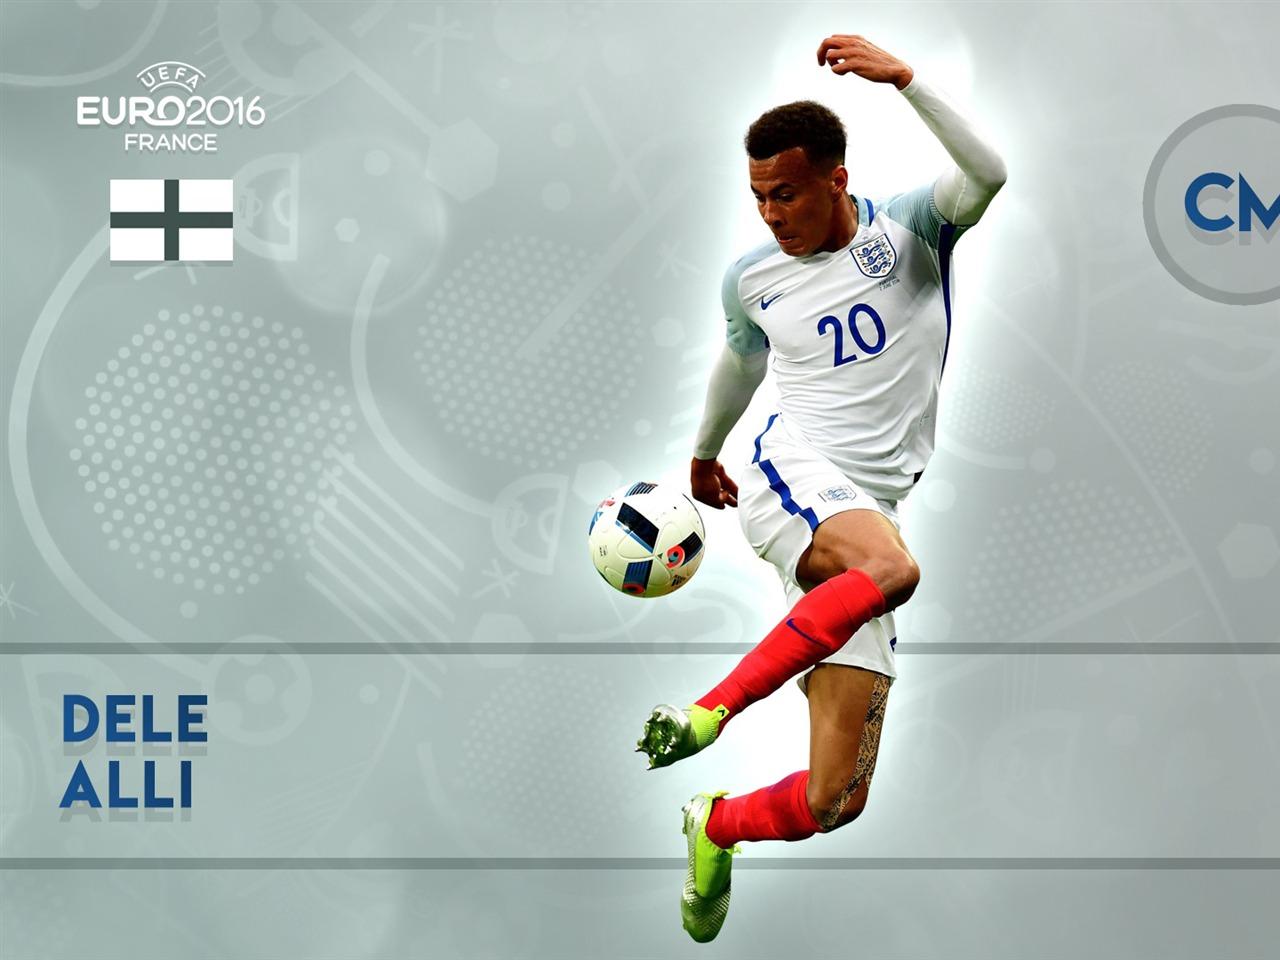 Dele Alli-UEFA Euro 2016 Player Wallpaper Preview